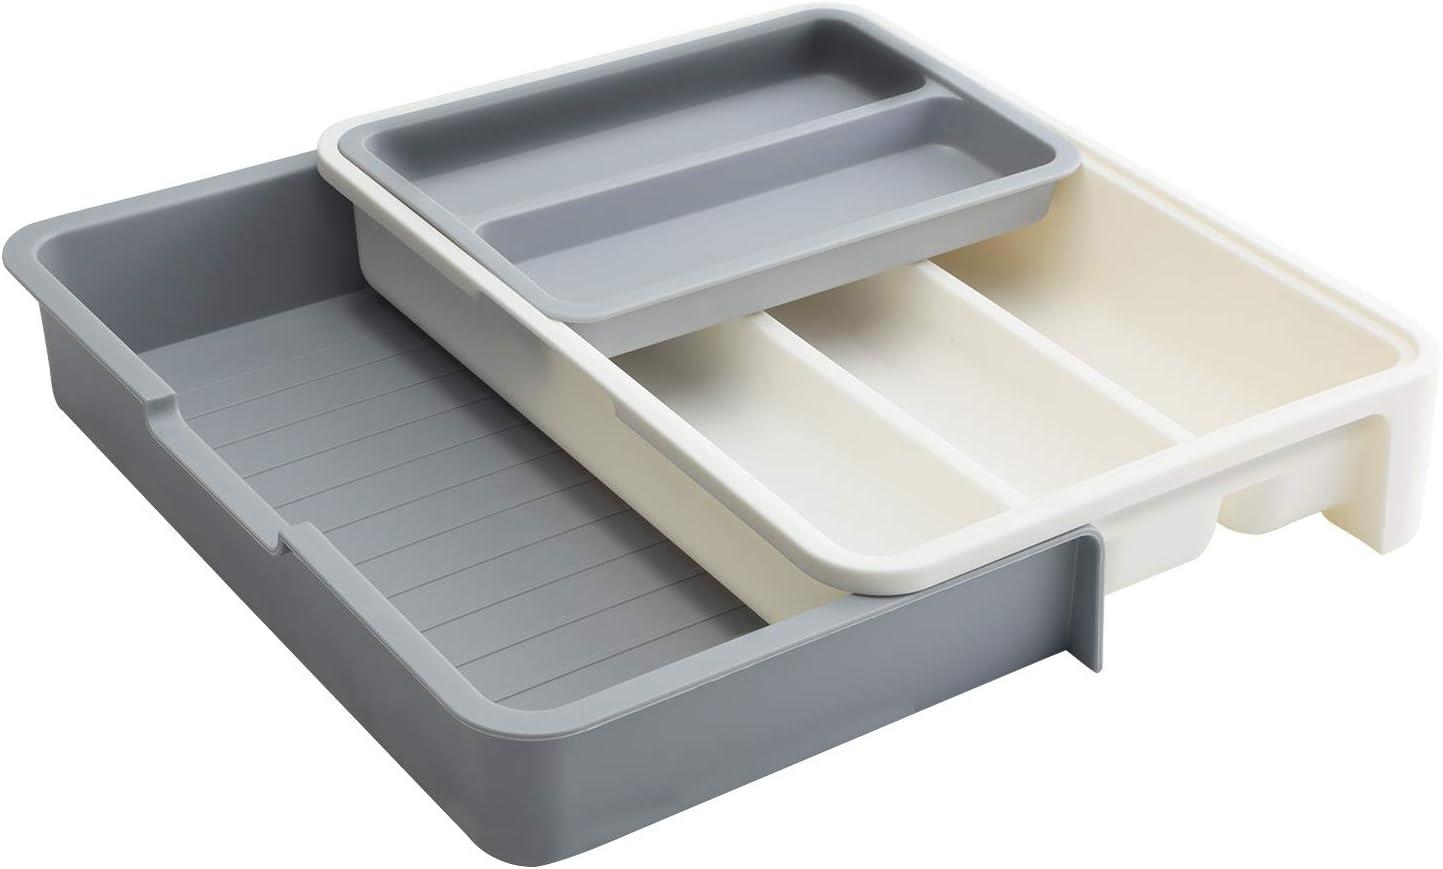 Decorus Bandeja extensible ajustable para cubiertos para utensilios, cubiertos, cajón, organizador de cocina, 7 compartimentos, sin BPA, organizador de utensilios